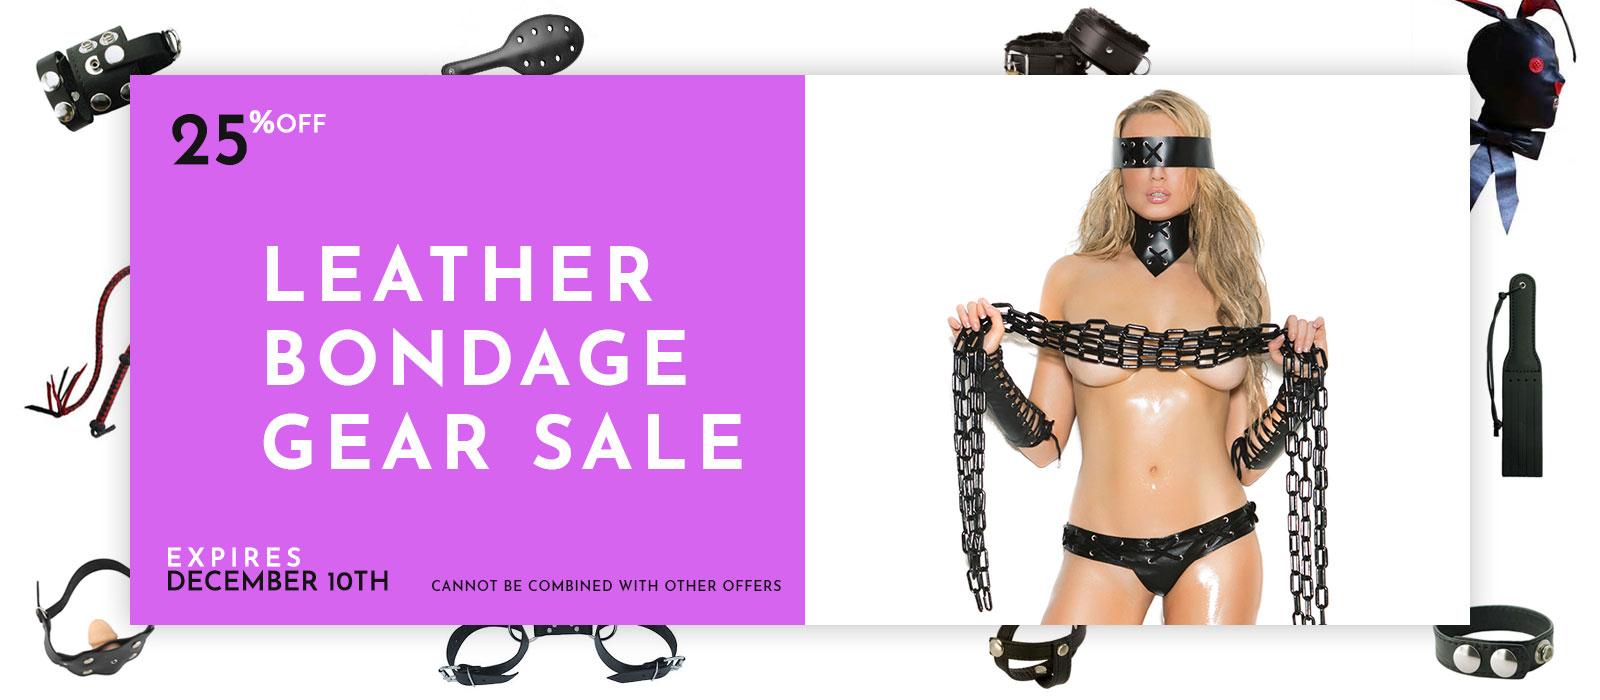 leather bondage gear sale